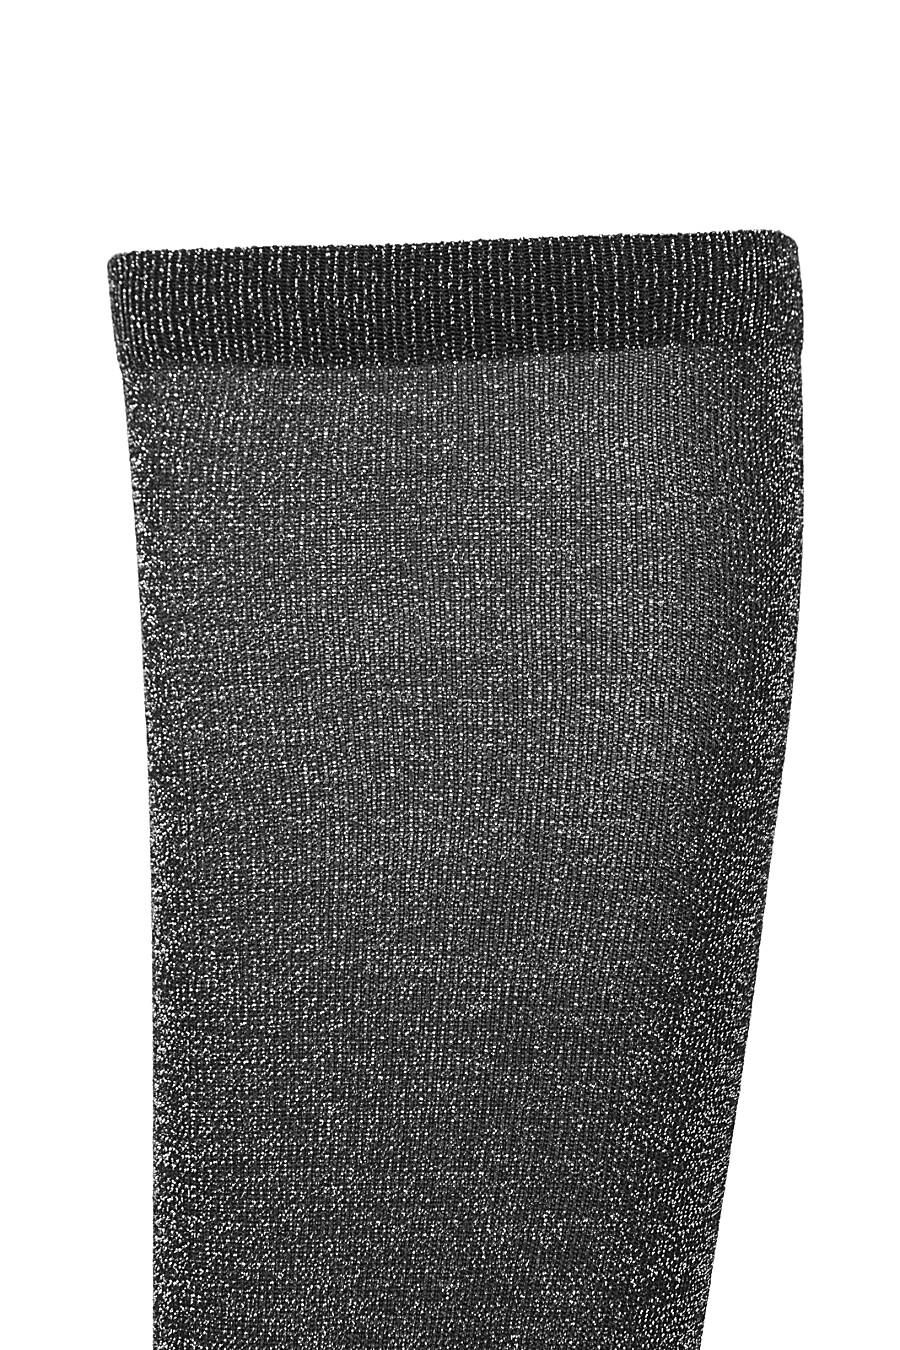 """Гольфы """"Звездный дуэт"""" для женщин LE CABARET 204885 купить оптом от производителя. Совместная покупка женской одежды в OptMoyo"""